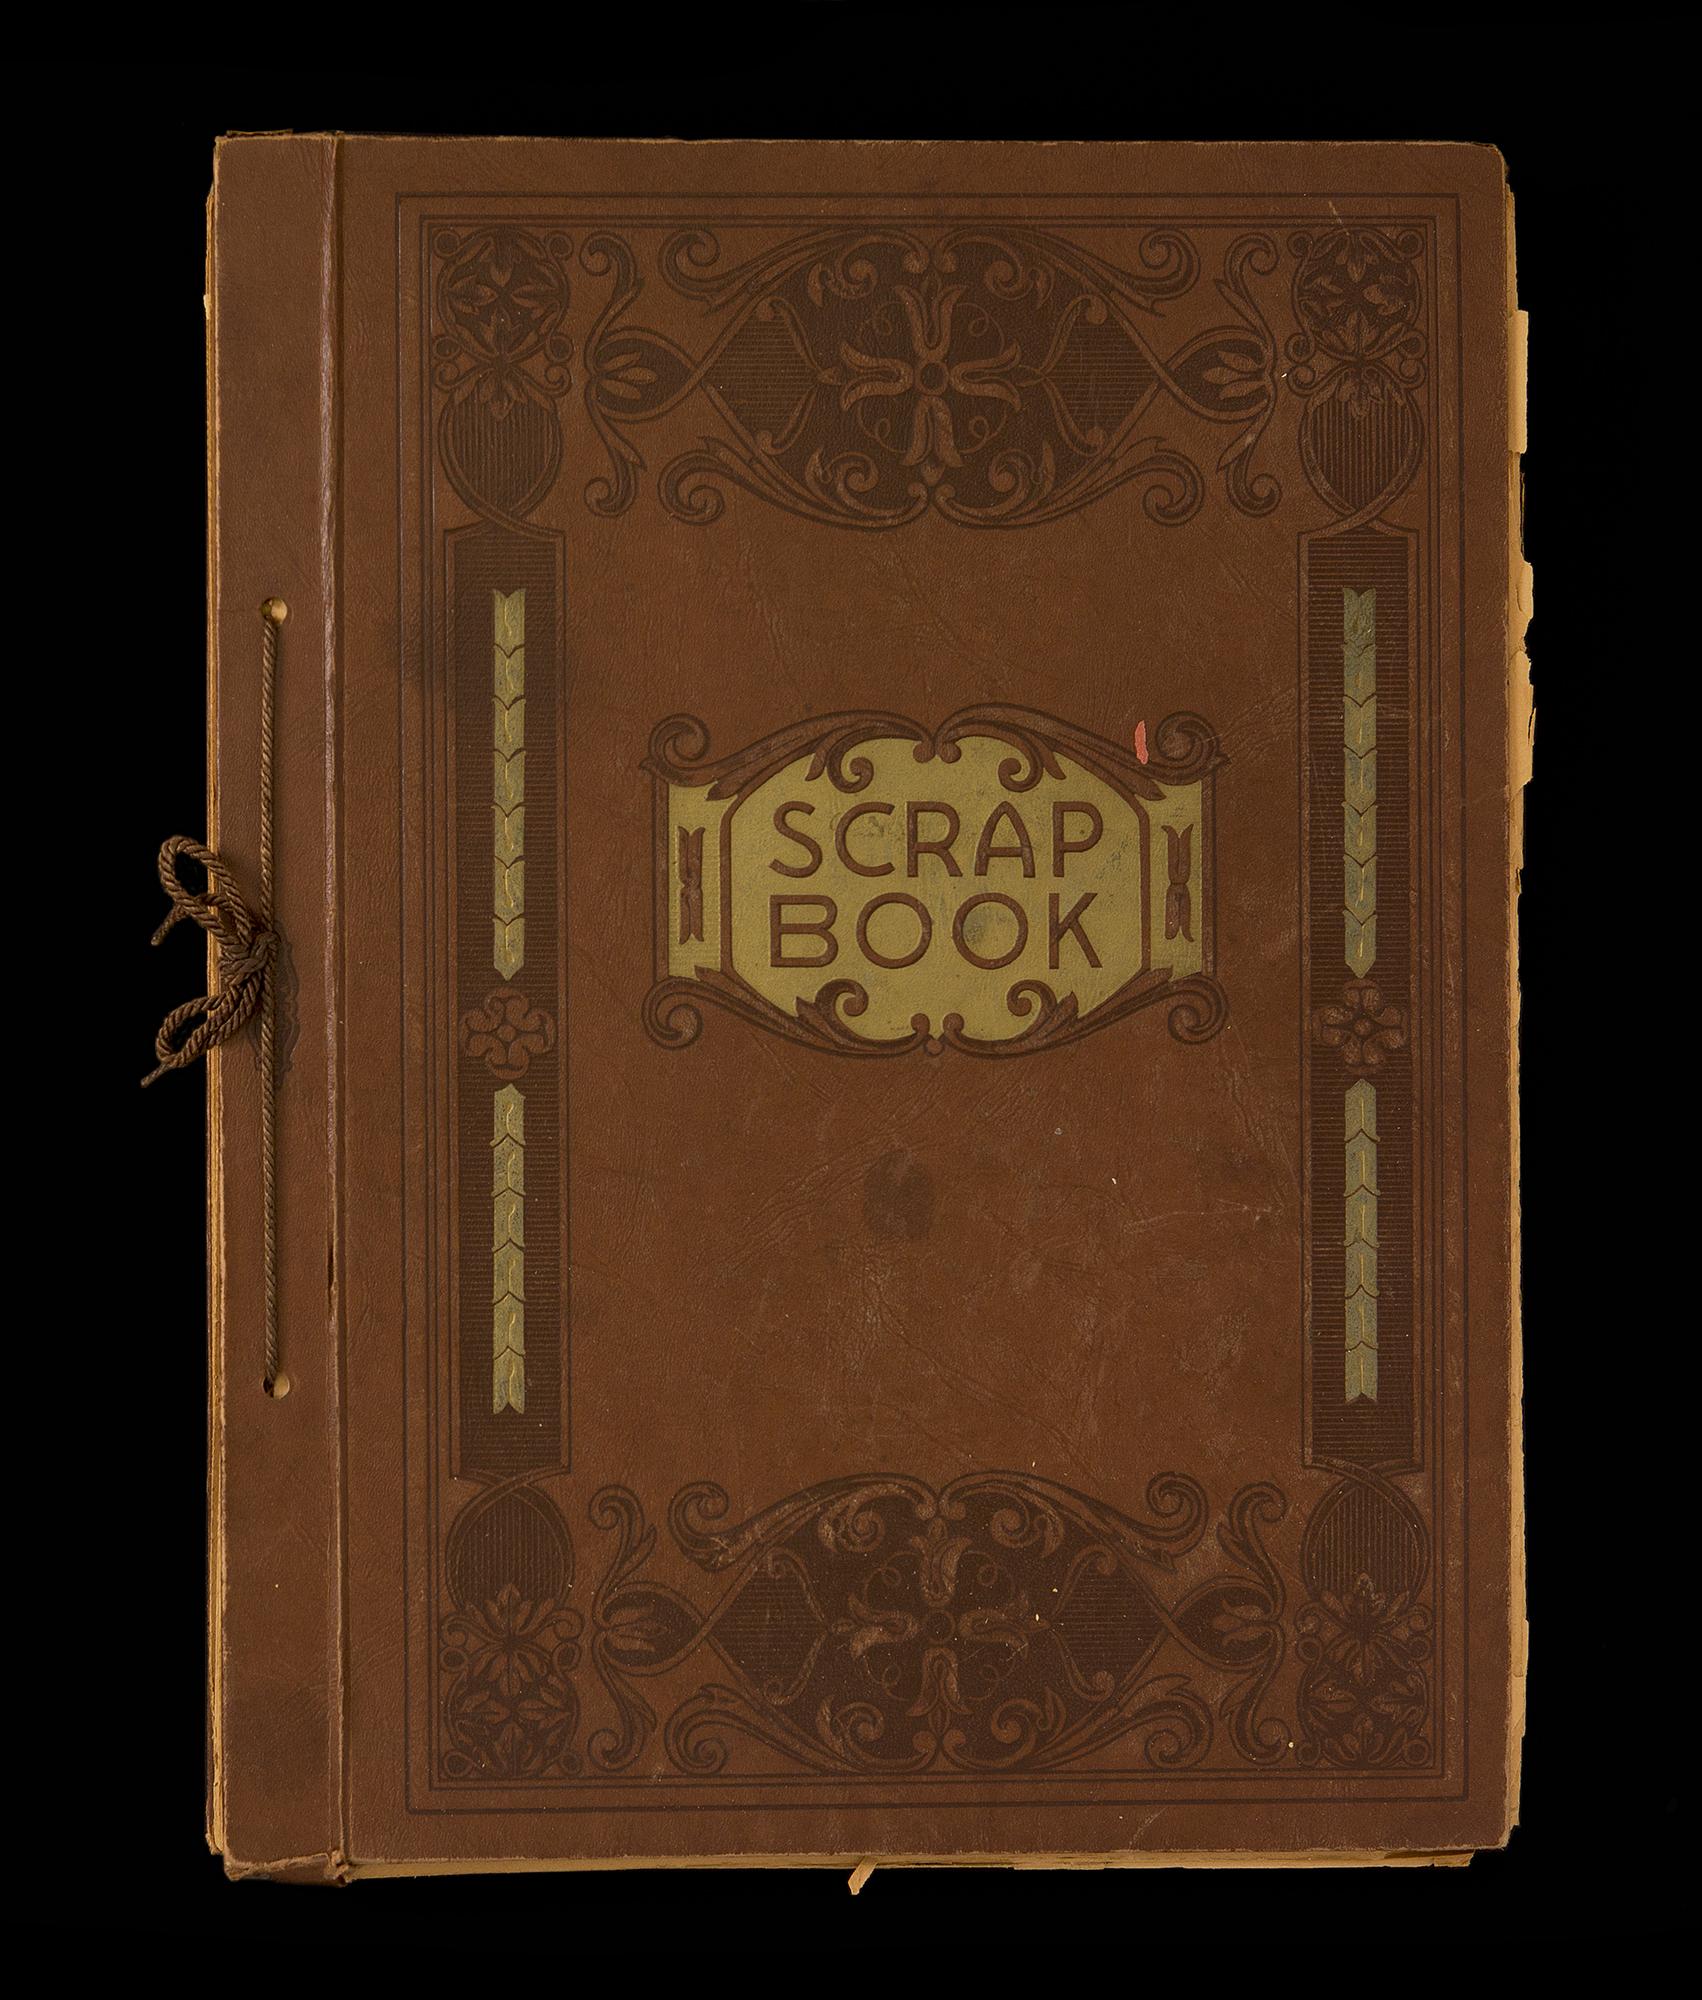 HBVolunteerScrapbook_Cover_B0721_1958.jpg